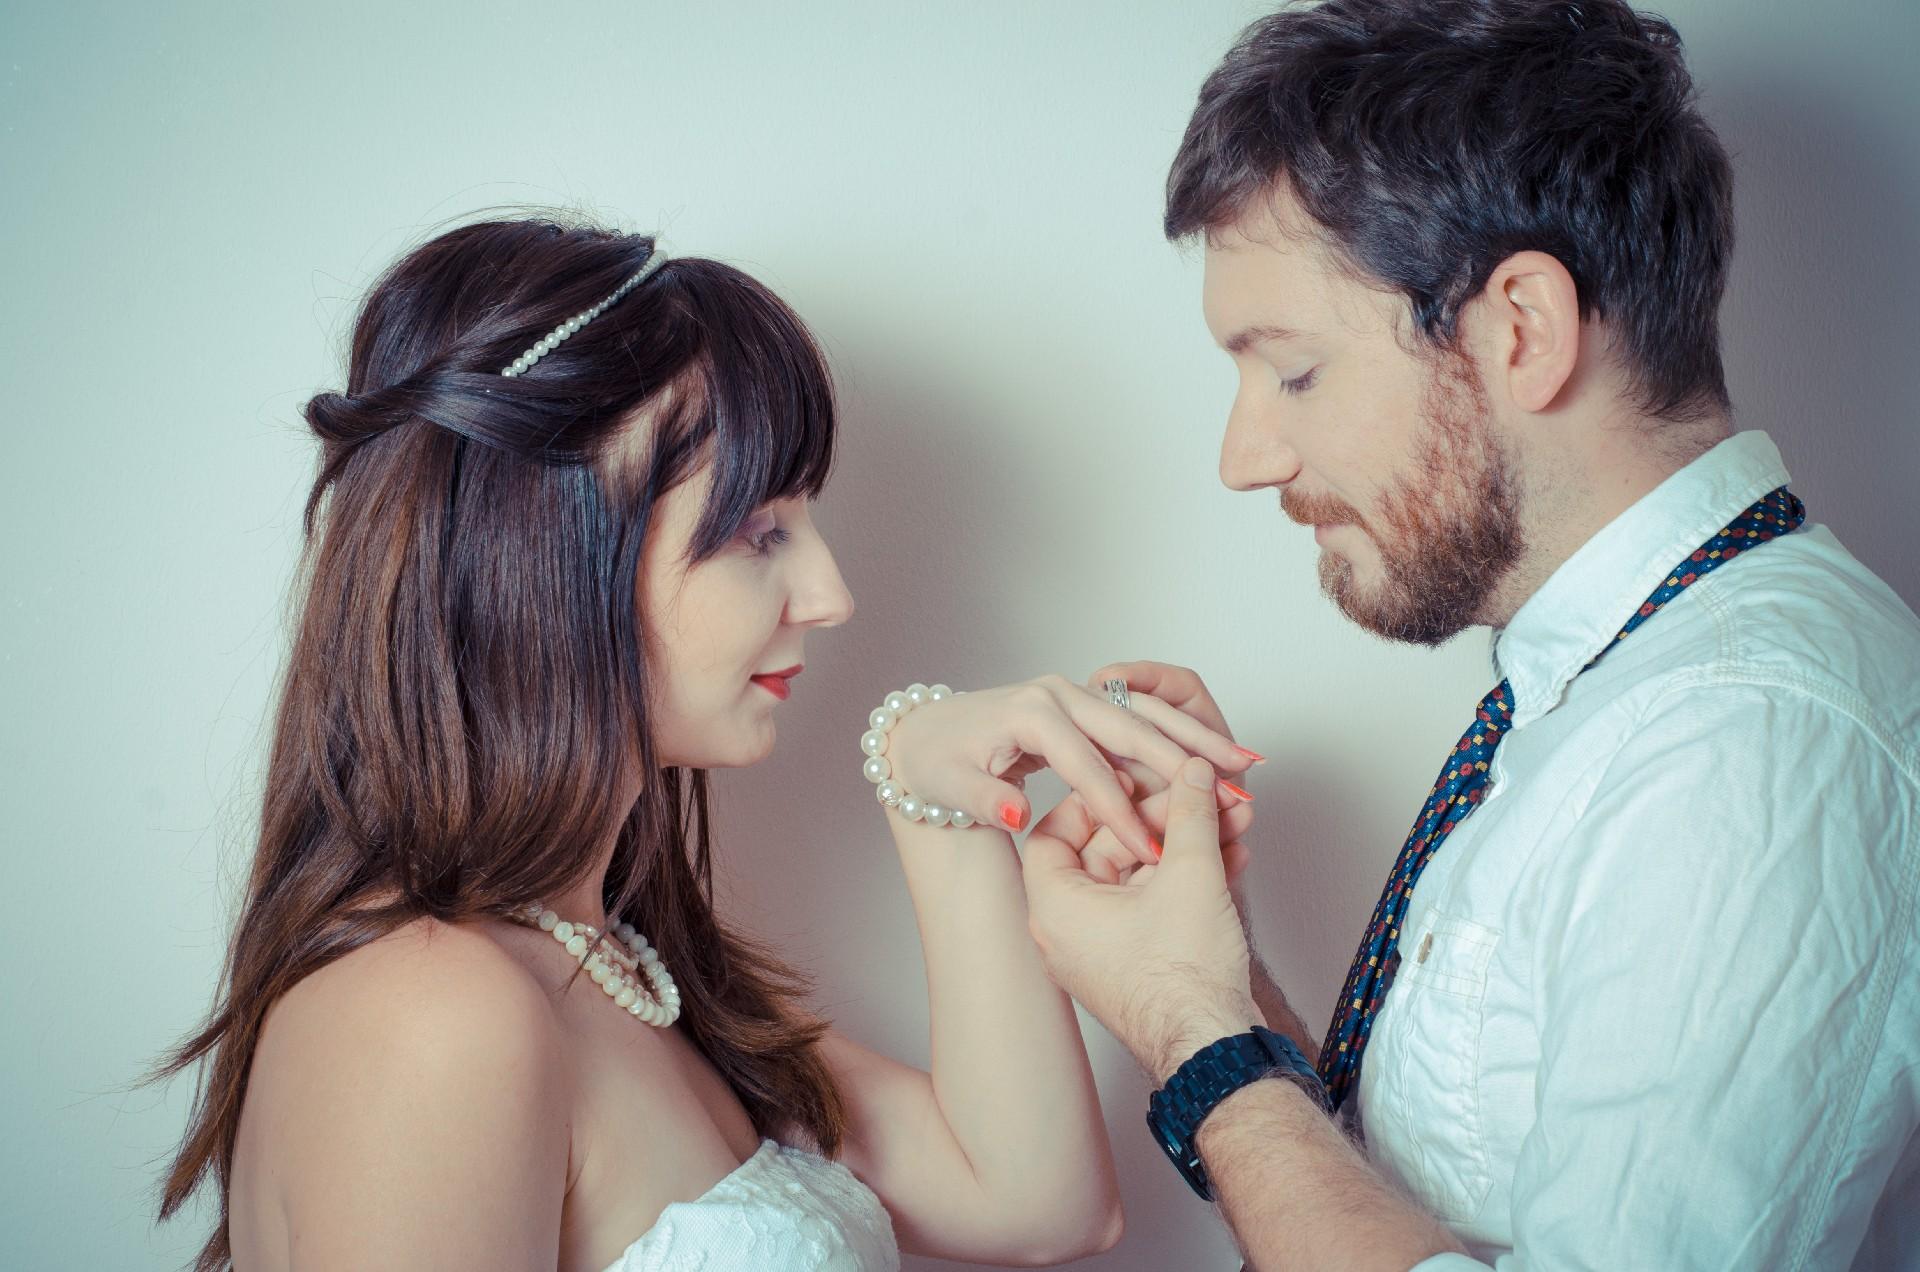 夫婦関係が仲良くなる!夫婦円満20のちょっとした方法